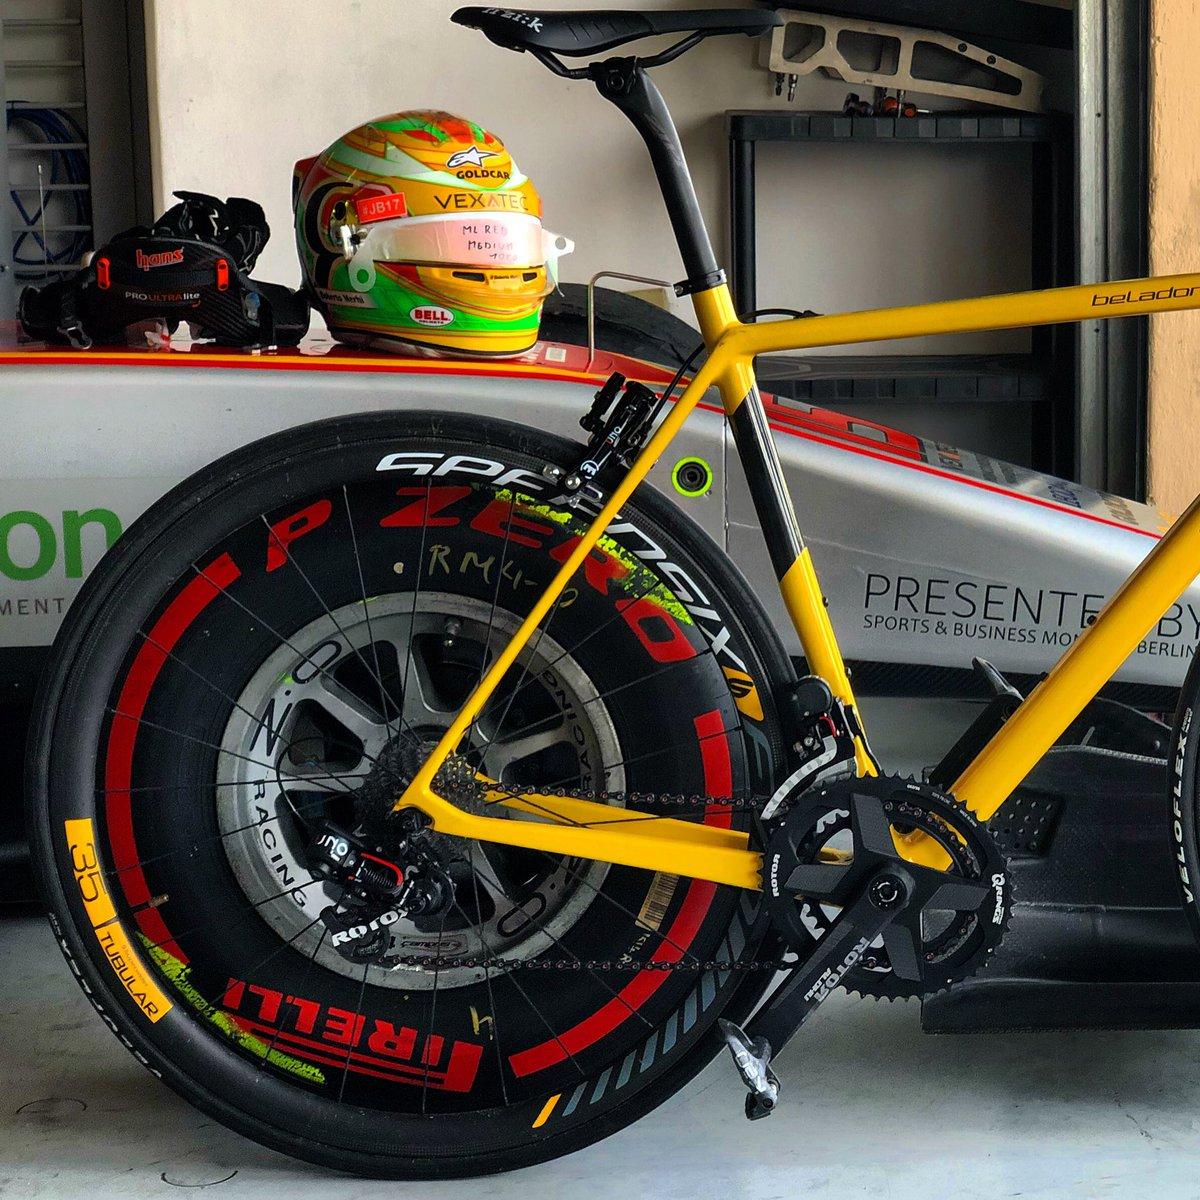 Menuda combinación se ha quedado yo creo que ahora si que ira rápido la @BerriaBike montada con @ROTOR_bikeES y con las @Speedsix_wheels 100% 🇪🇸 junto a mi coche de competición de @CamposRacing #rotorUno @BellRacingHQ ¿Que os parece?